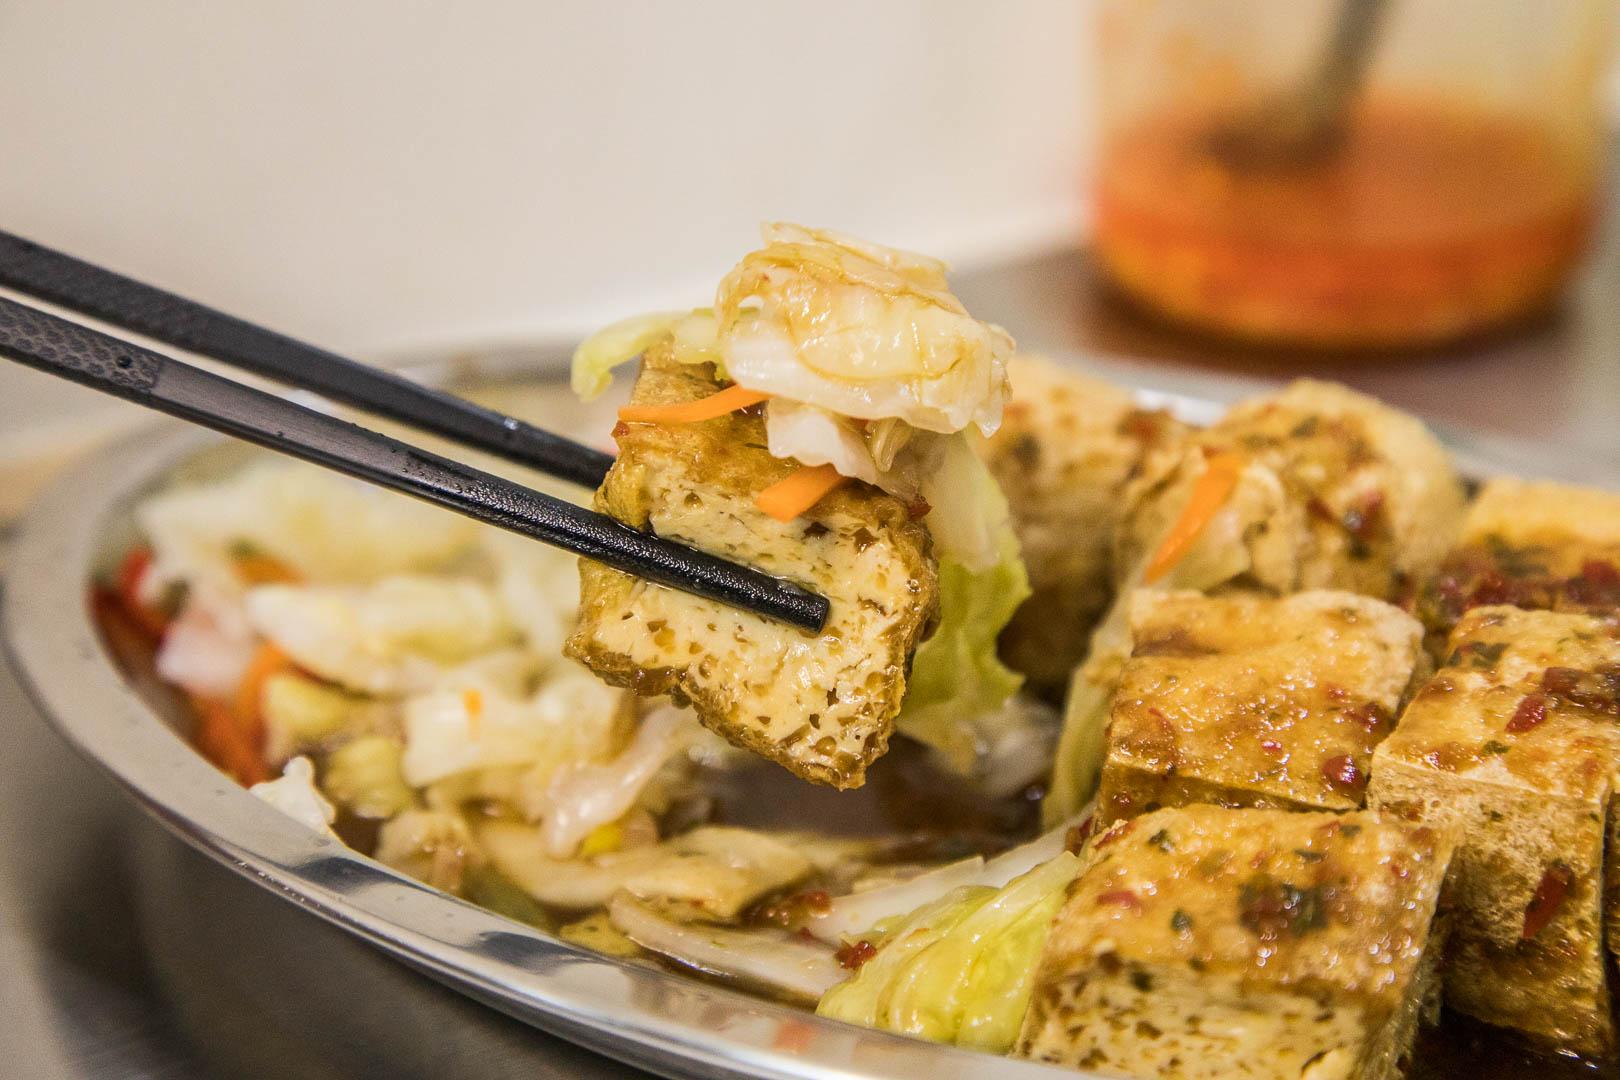 [臺北大安]文青風臭豆腐專賣店。臭豆腐決勝負。超多汁二夜漬臭豆腐!臭美臭豆腐 - 輕旅行